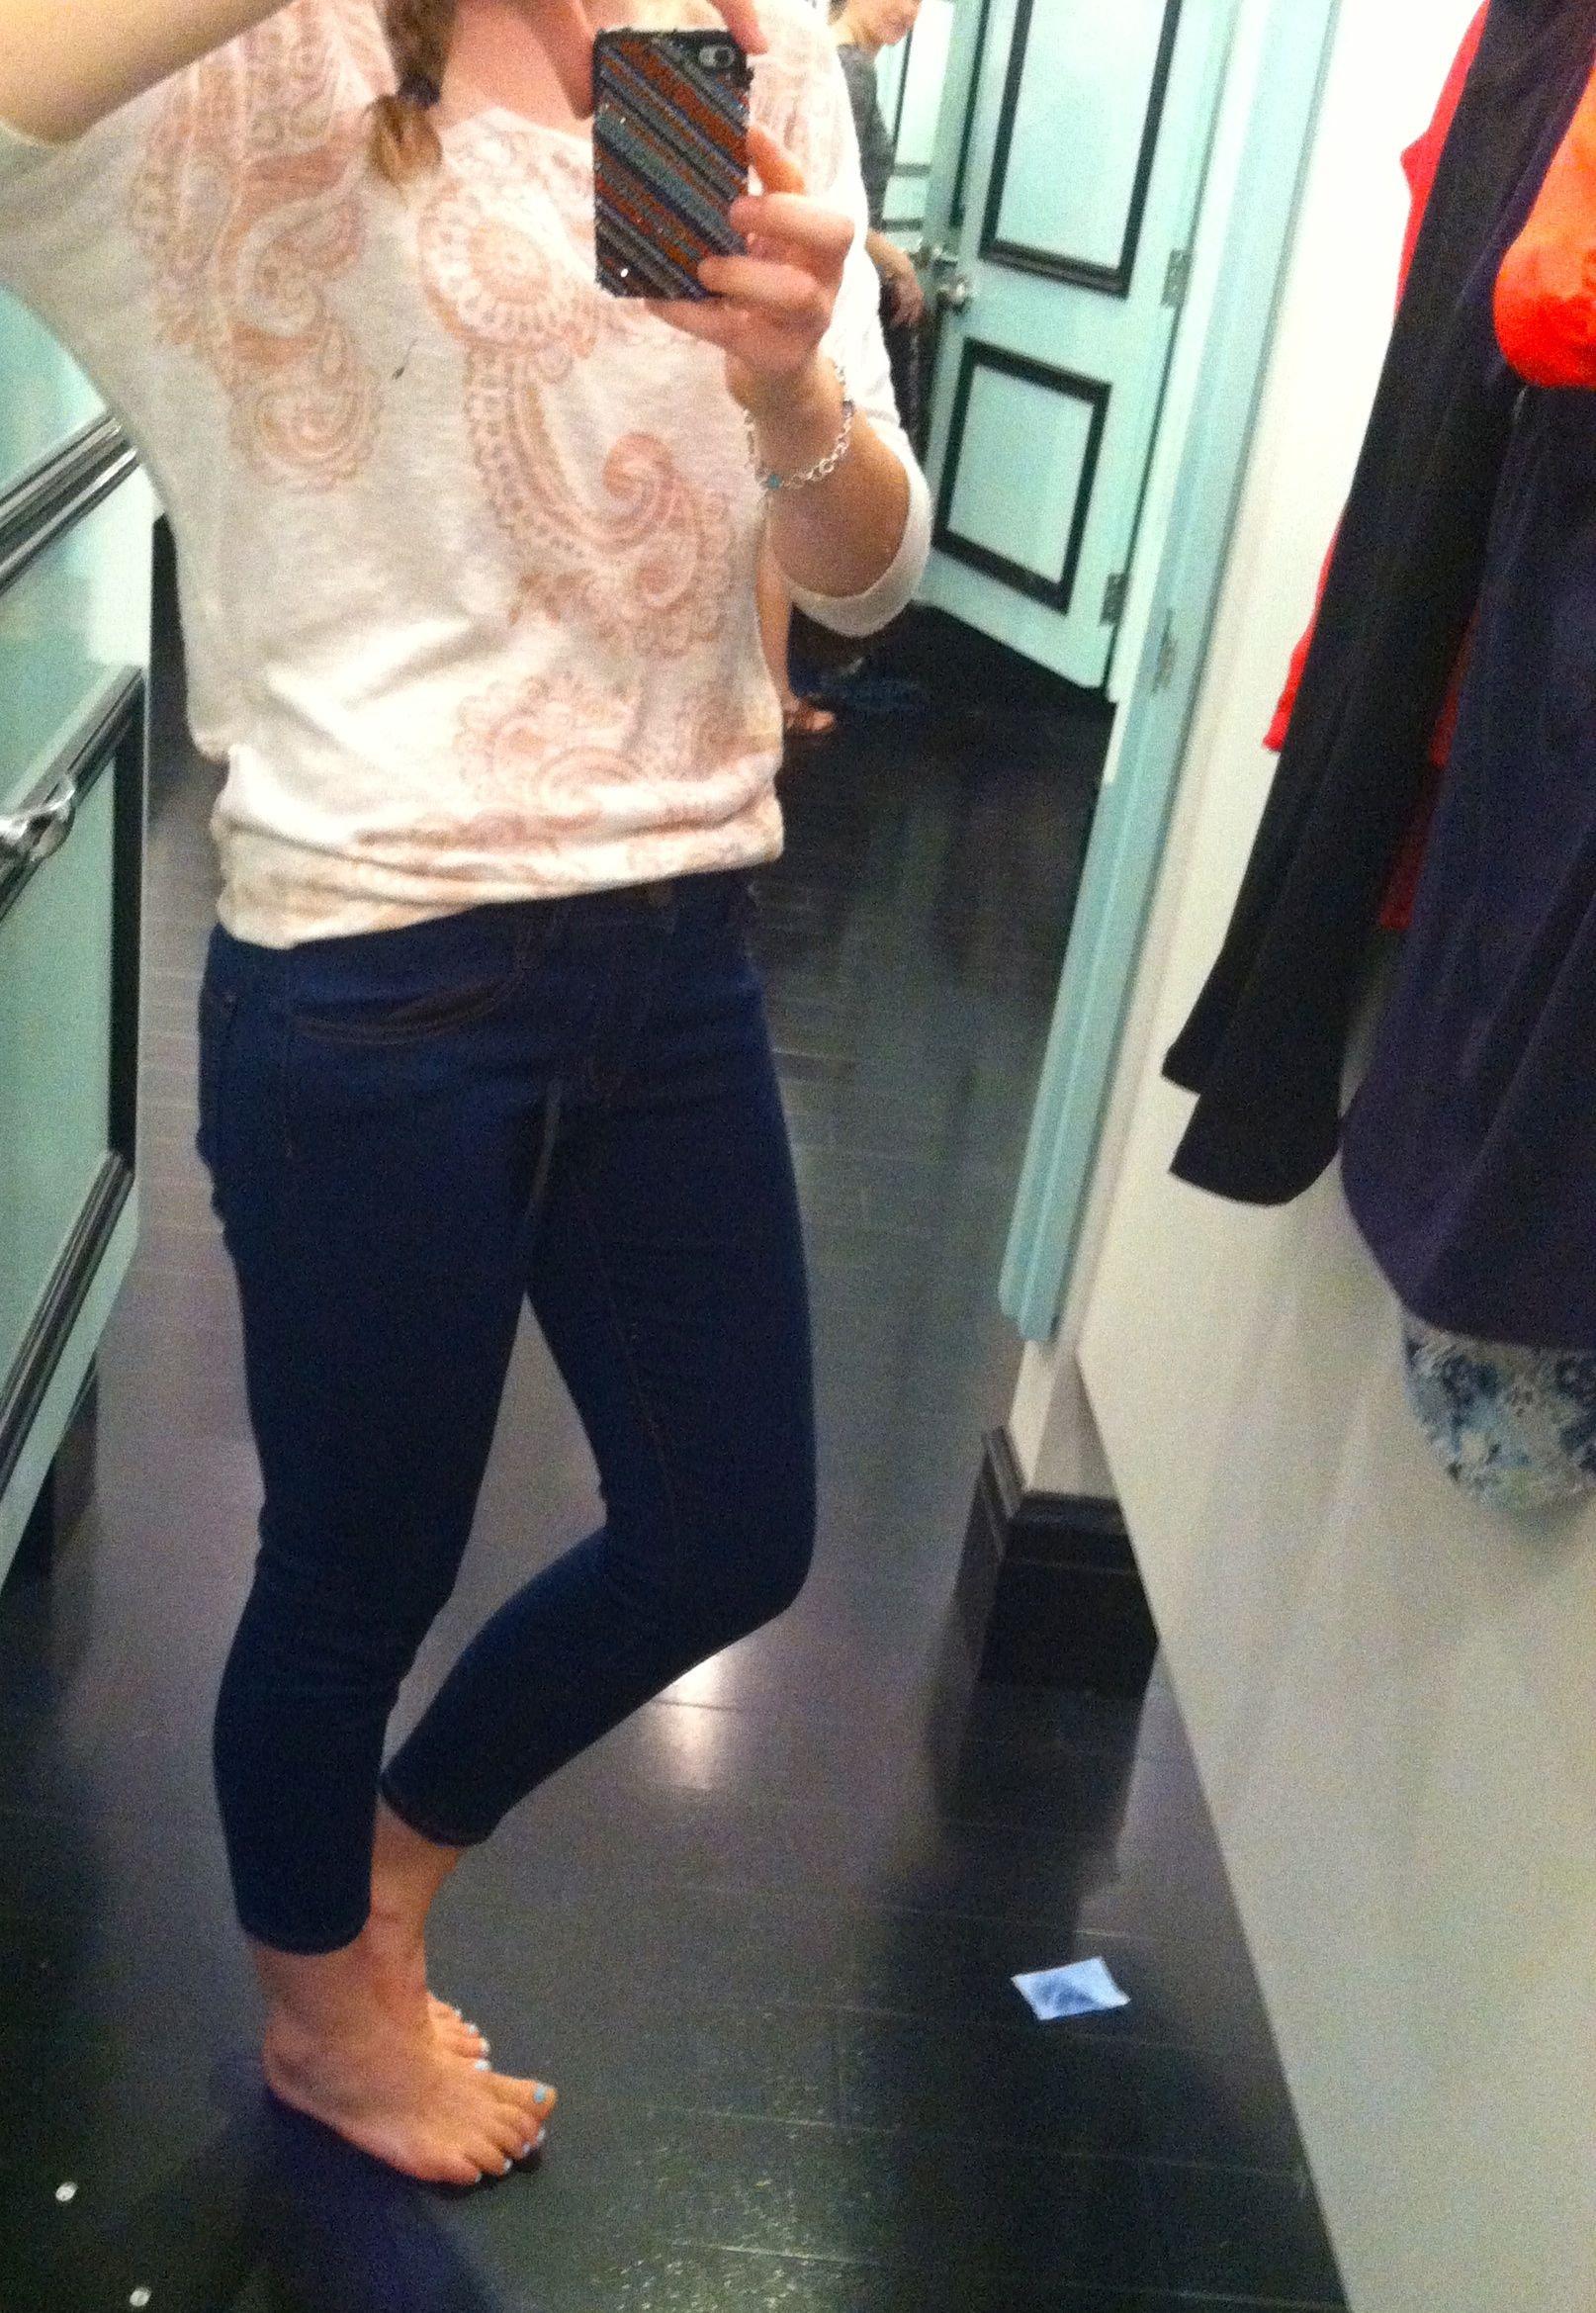 Skinny jeans tight around knees